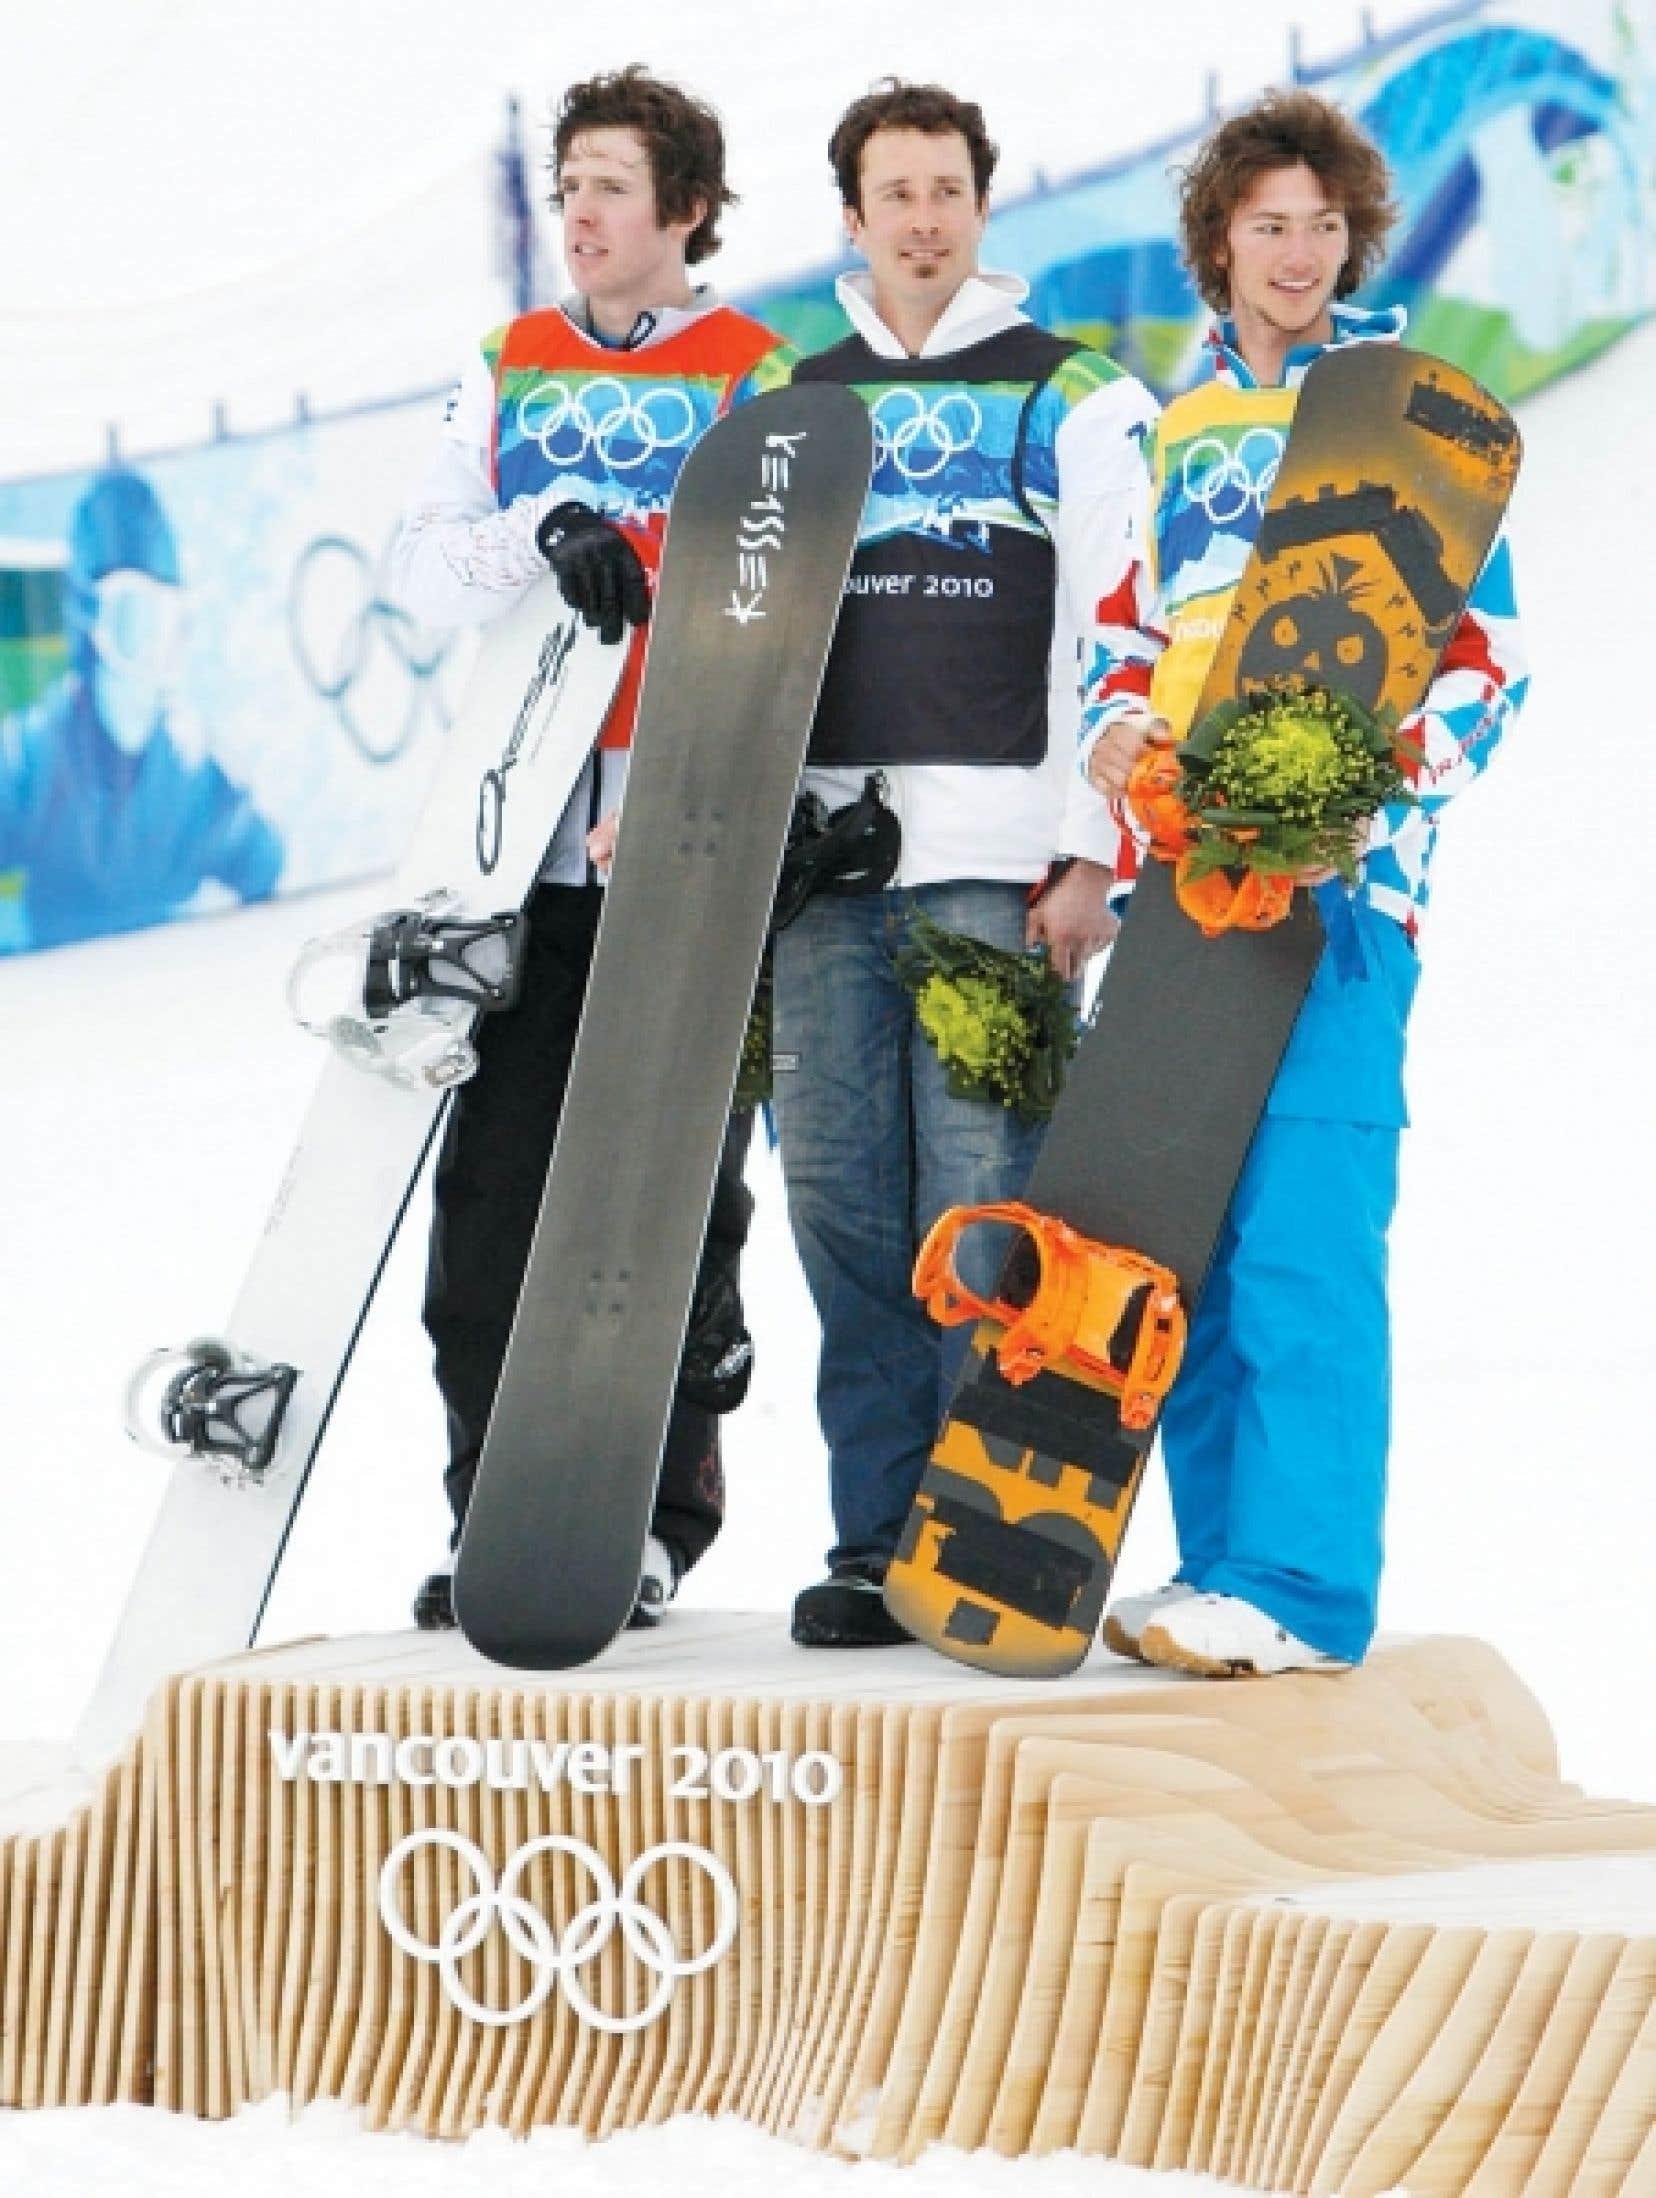 Le podium est composé, à gauche, du Canadien Mike Robertson, médaillé d'argent, au centre, du champion olympique, l'Américain Seth Wescott, et à droite, du Français Tony Ramoin.